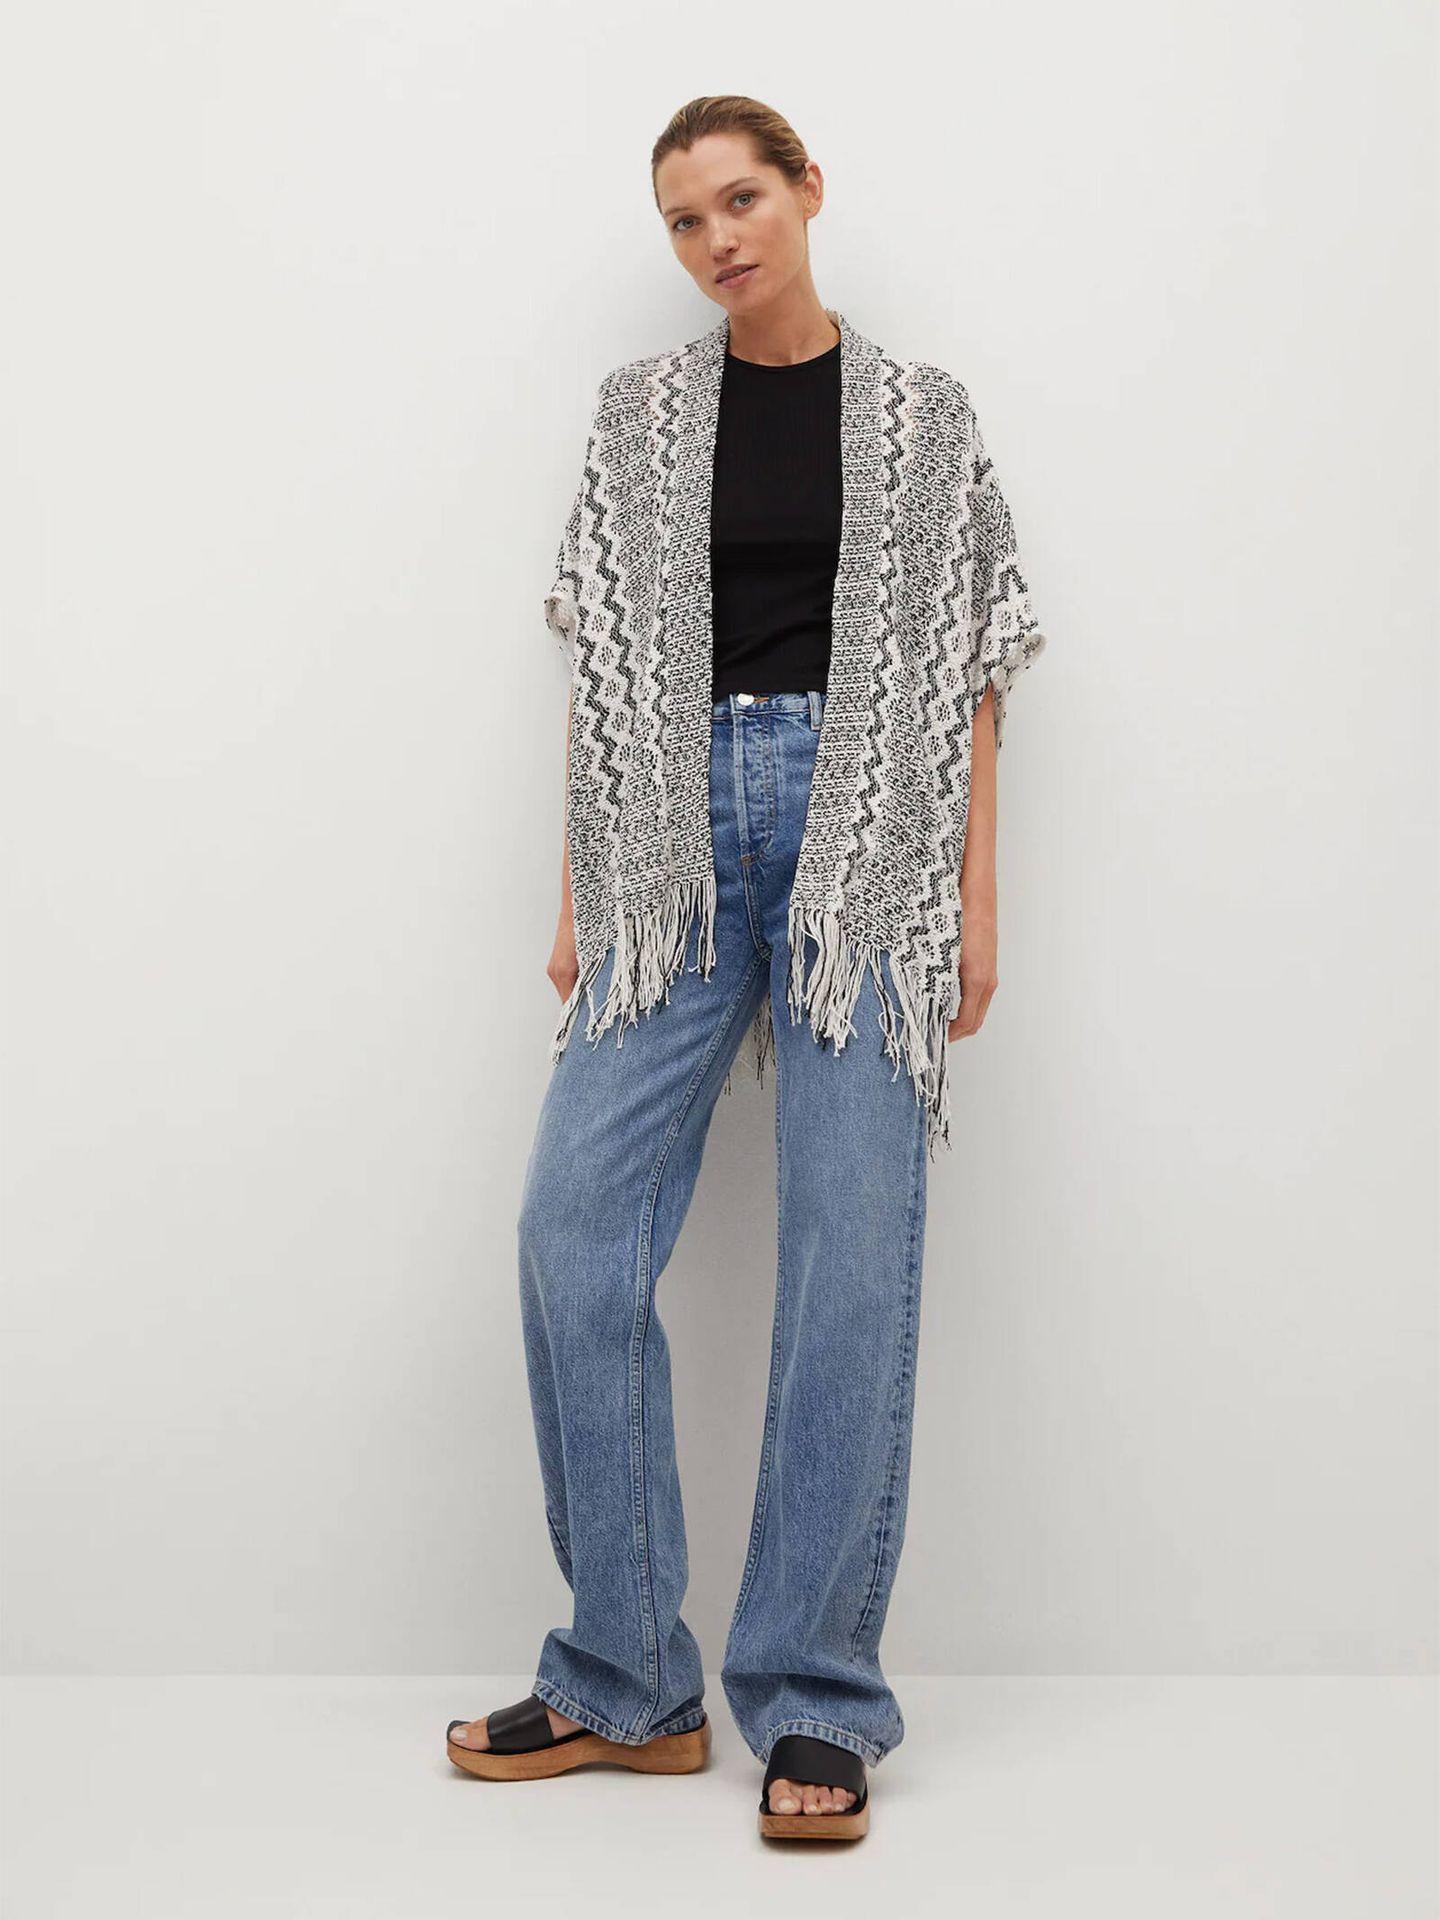 La chaqueta estilo kimono que Mango tiene en su sección de artículos rebajados. (Cortesía)